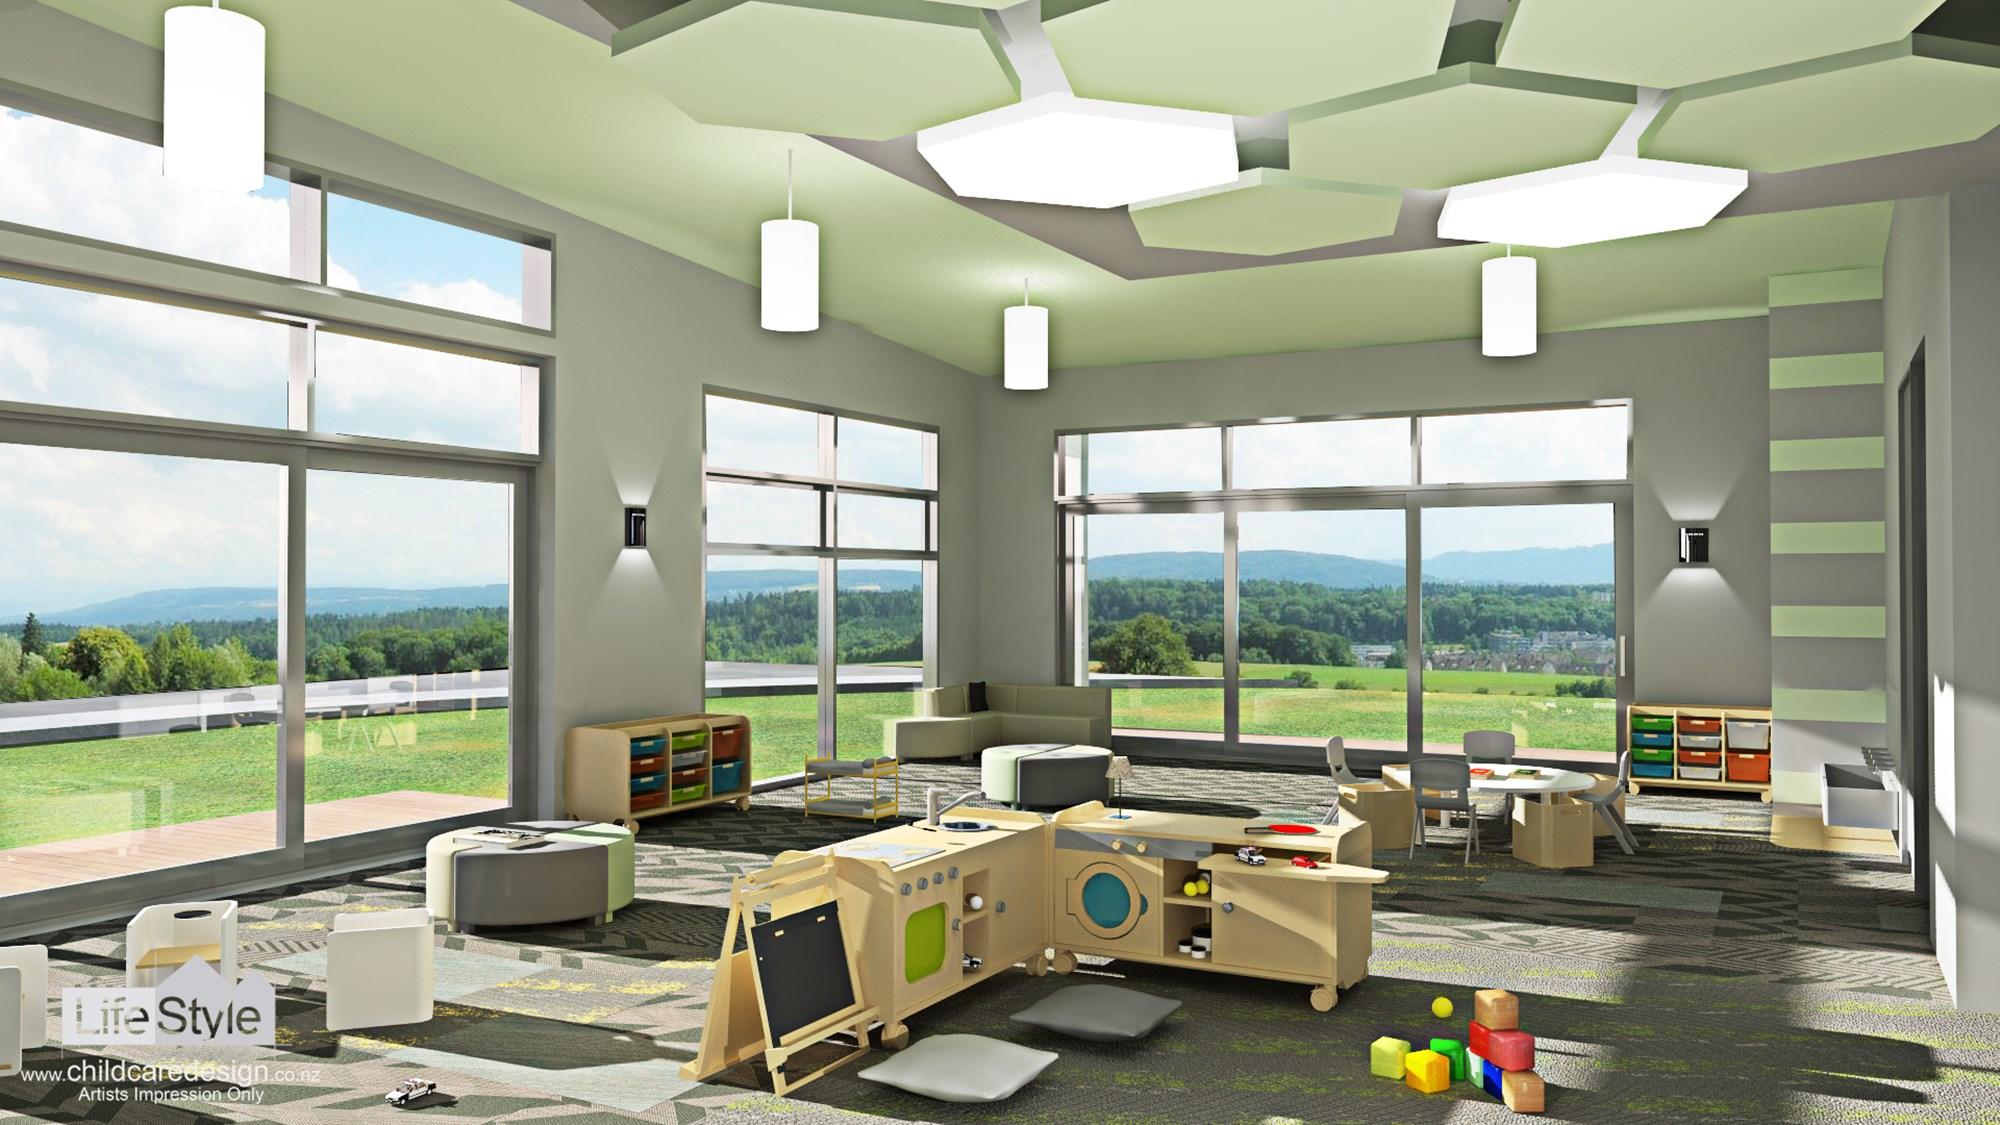 Lifestyle Architectural Services Te Atatu Childcare Centre 65